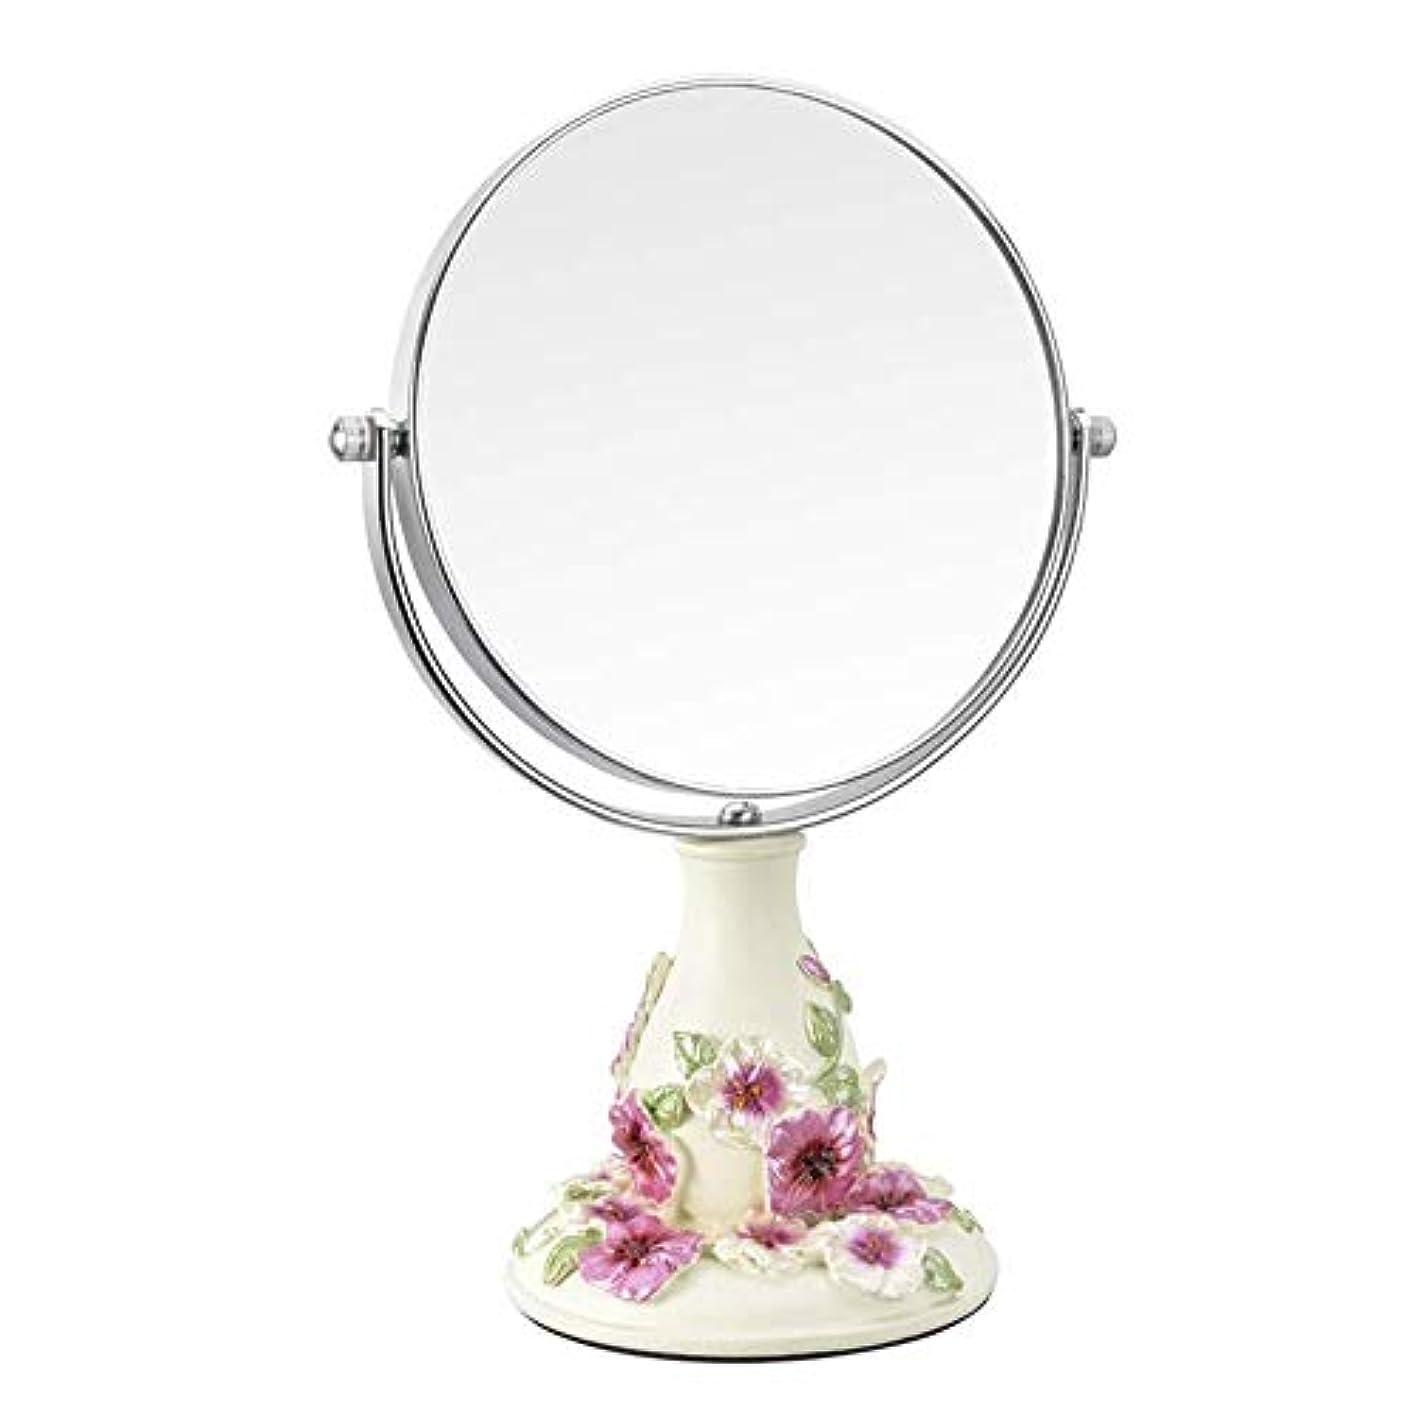 アプト郵便芸術的流行の ビンテージ化粧鏡、鏡360°回転スタンド、1倍と3倍の倍率、ラウンドダブル両面回転化粧鏡